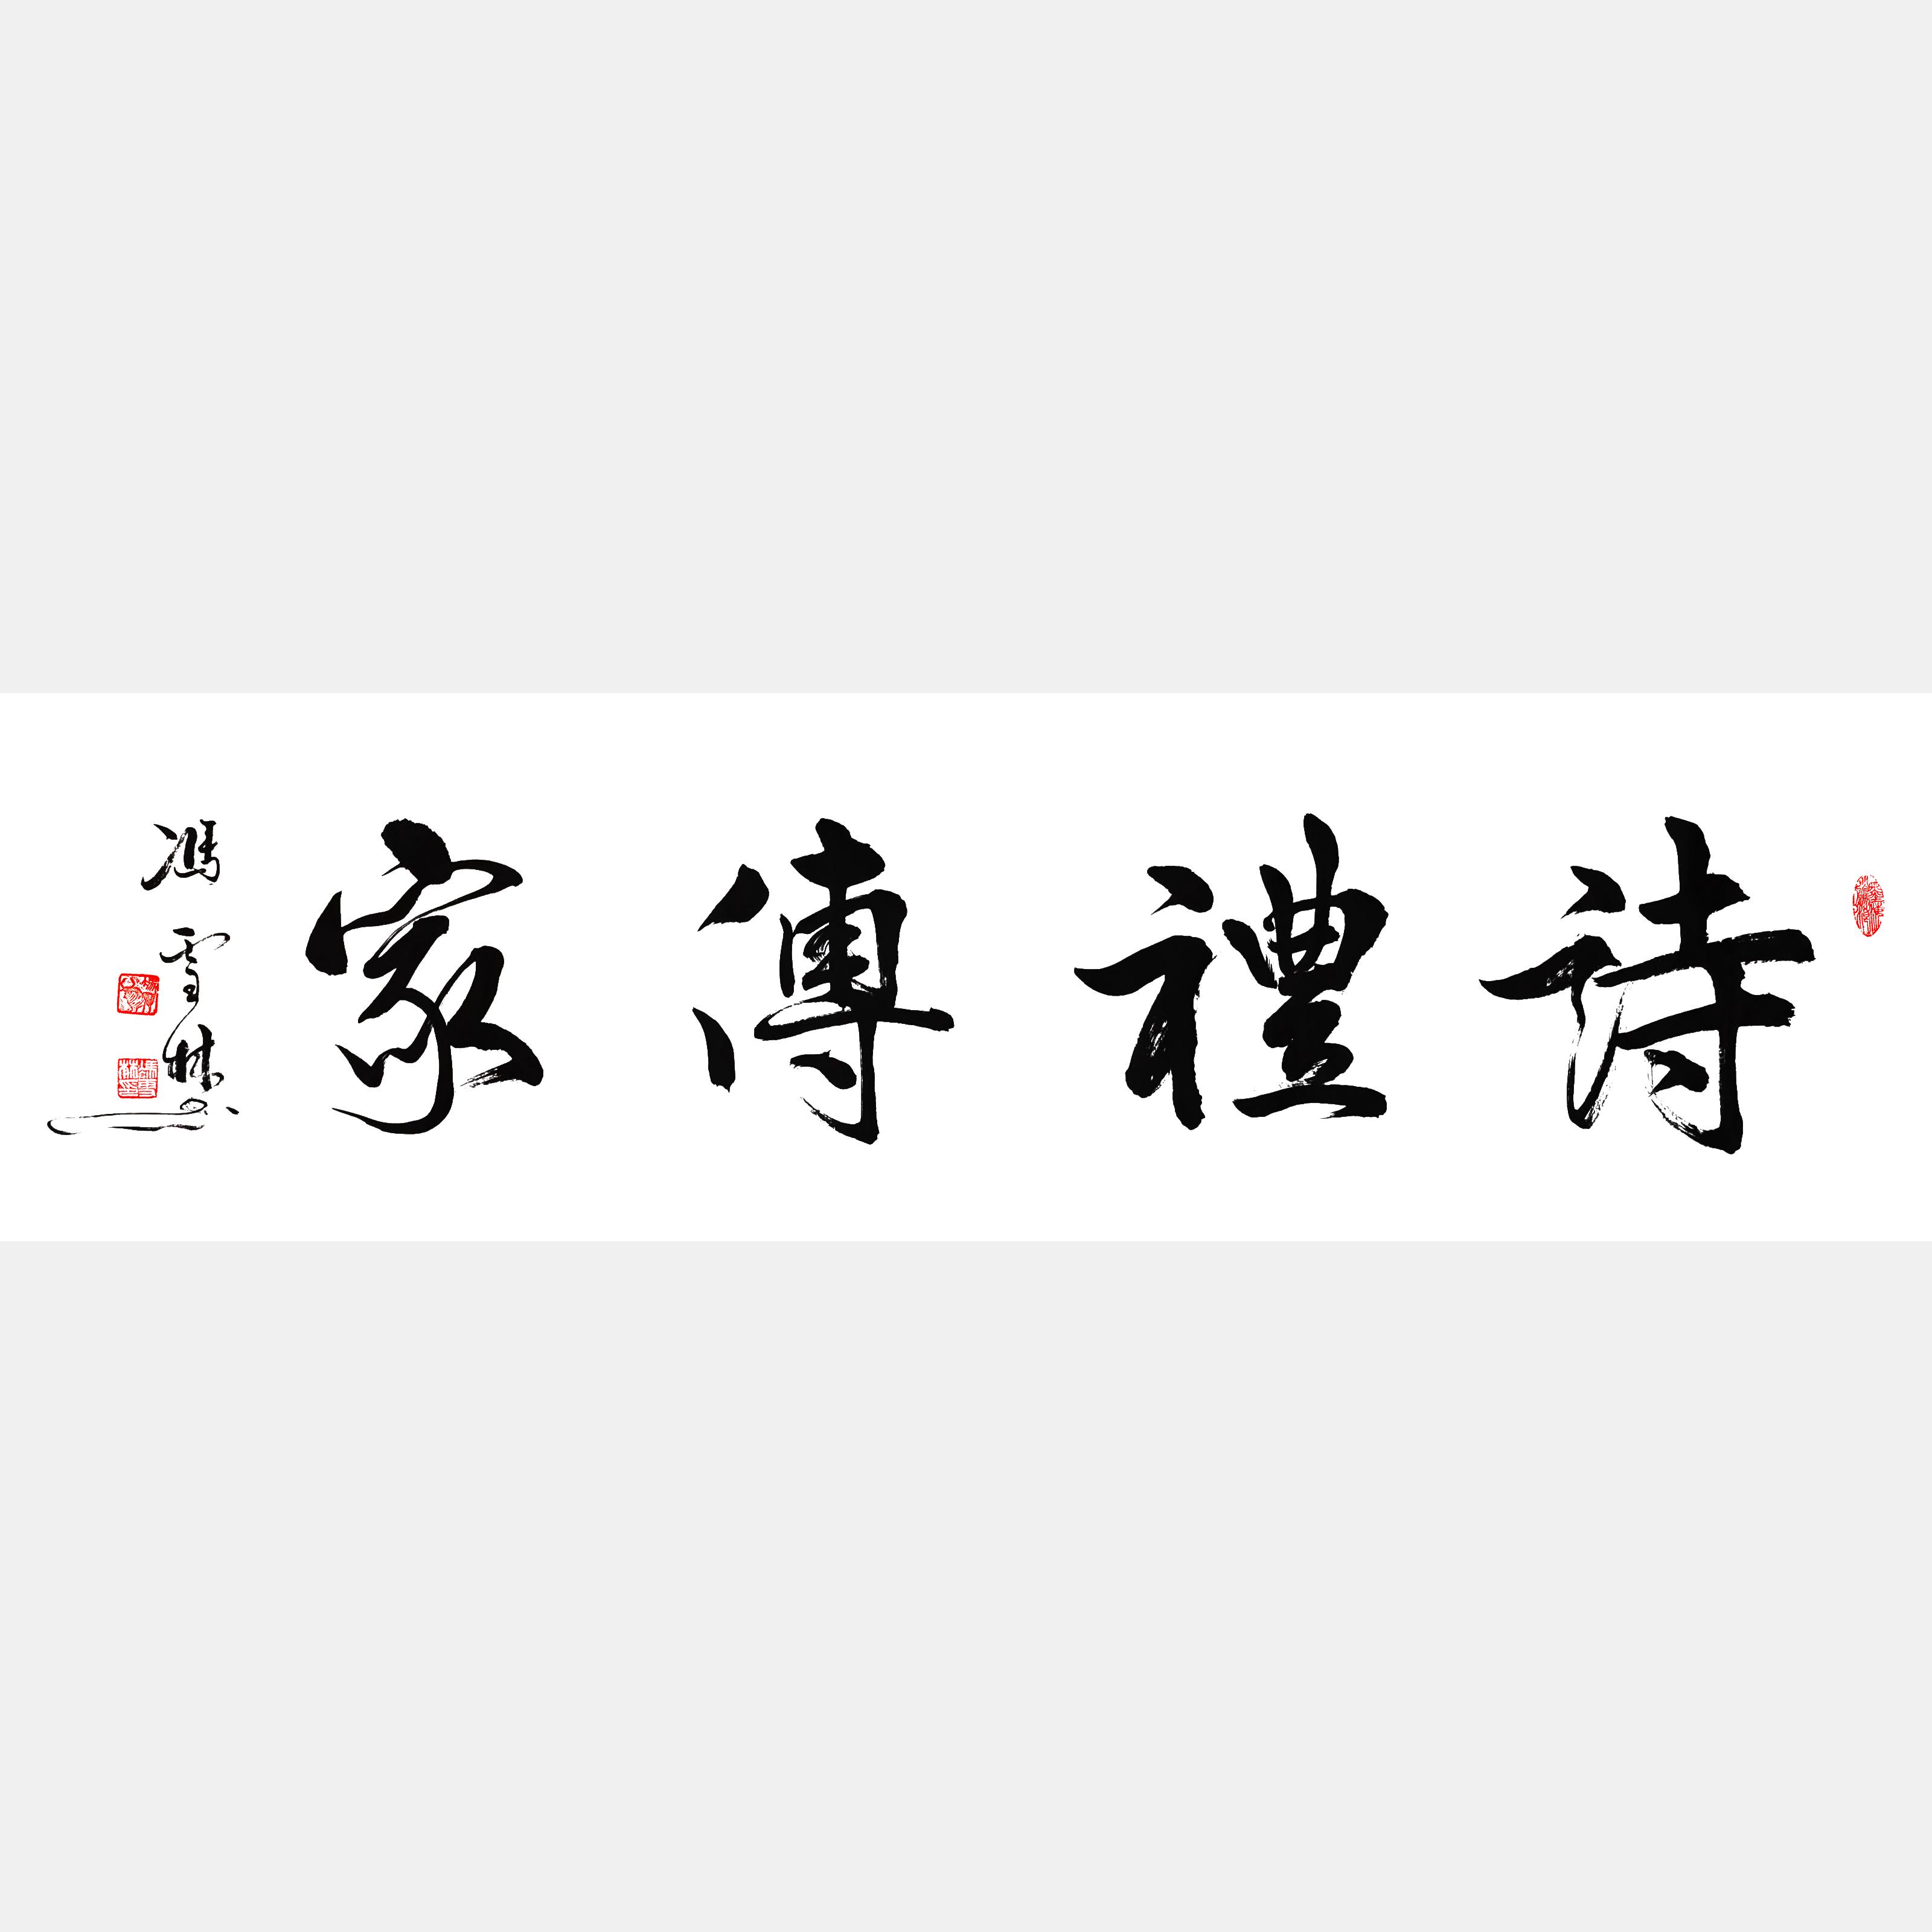 诗礼传家书法作品欣赏 家训诗礼传家对联及横批 下一句是文章华国